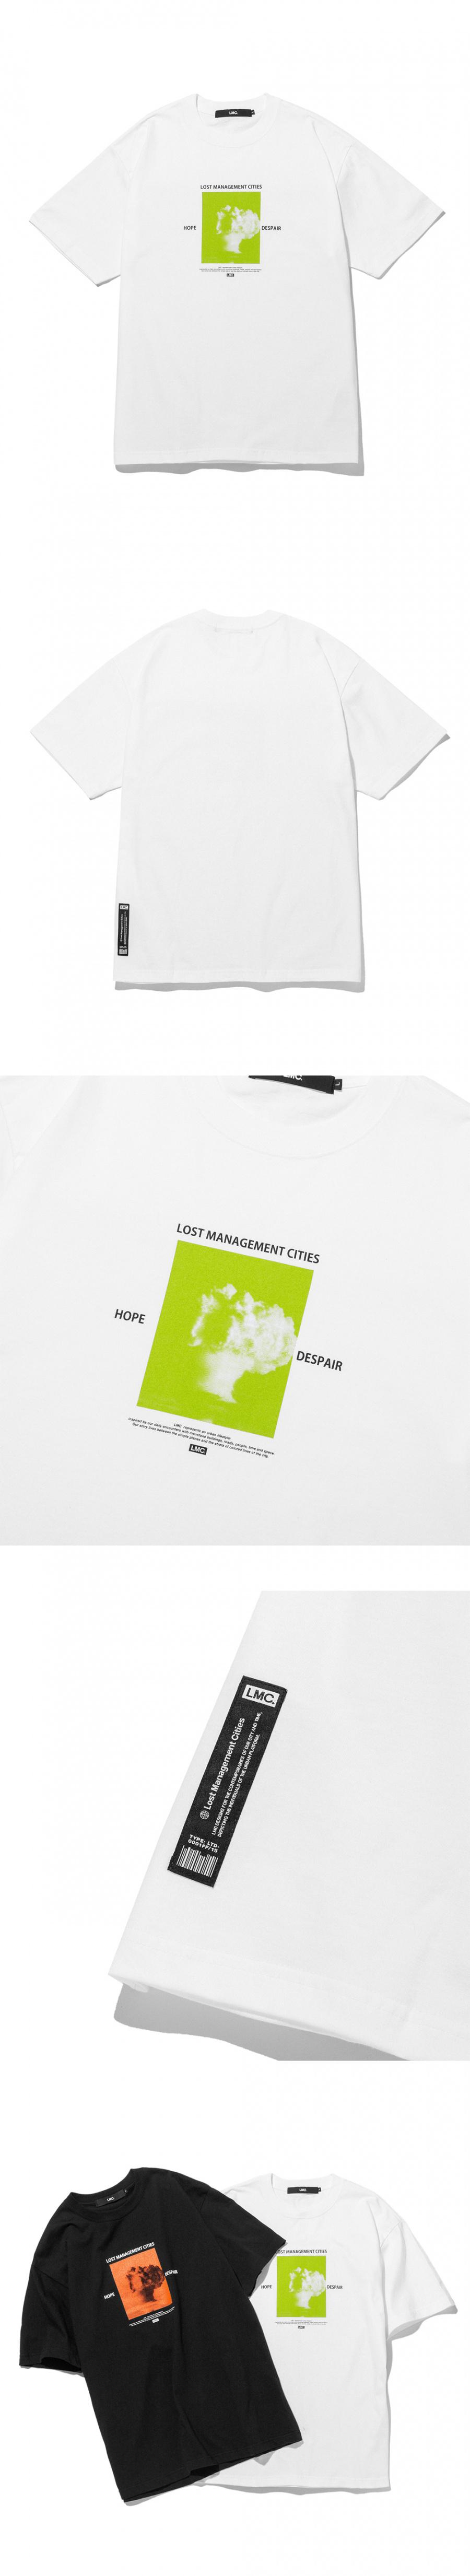 엘엠씨(LMC) LMC MUSHROOM CLOUD TEE white